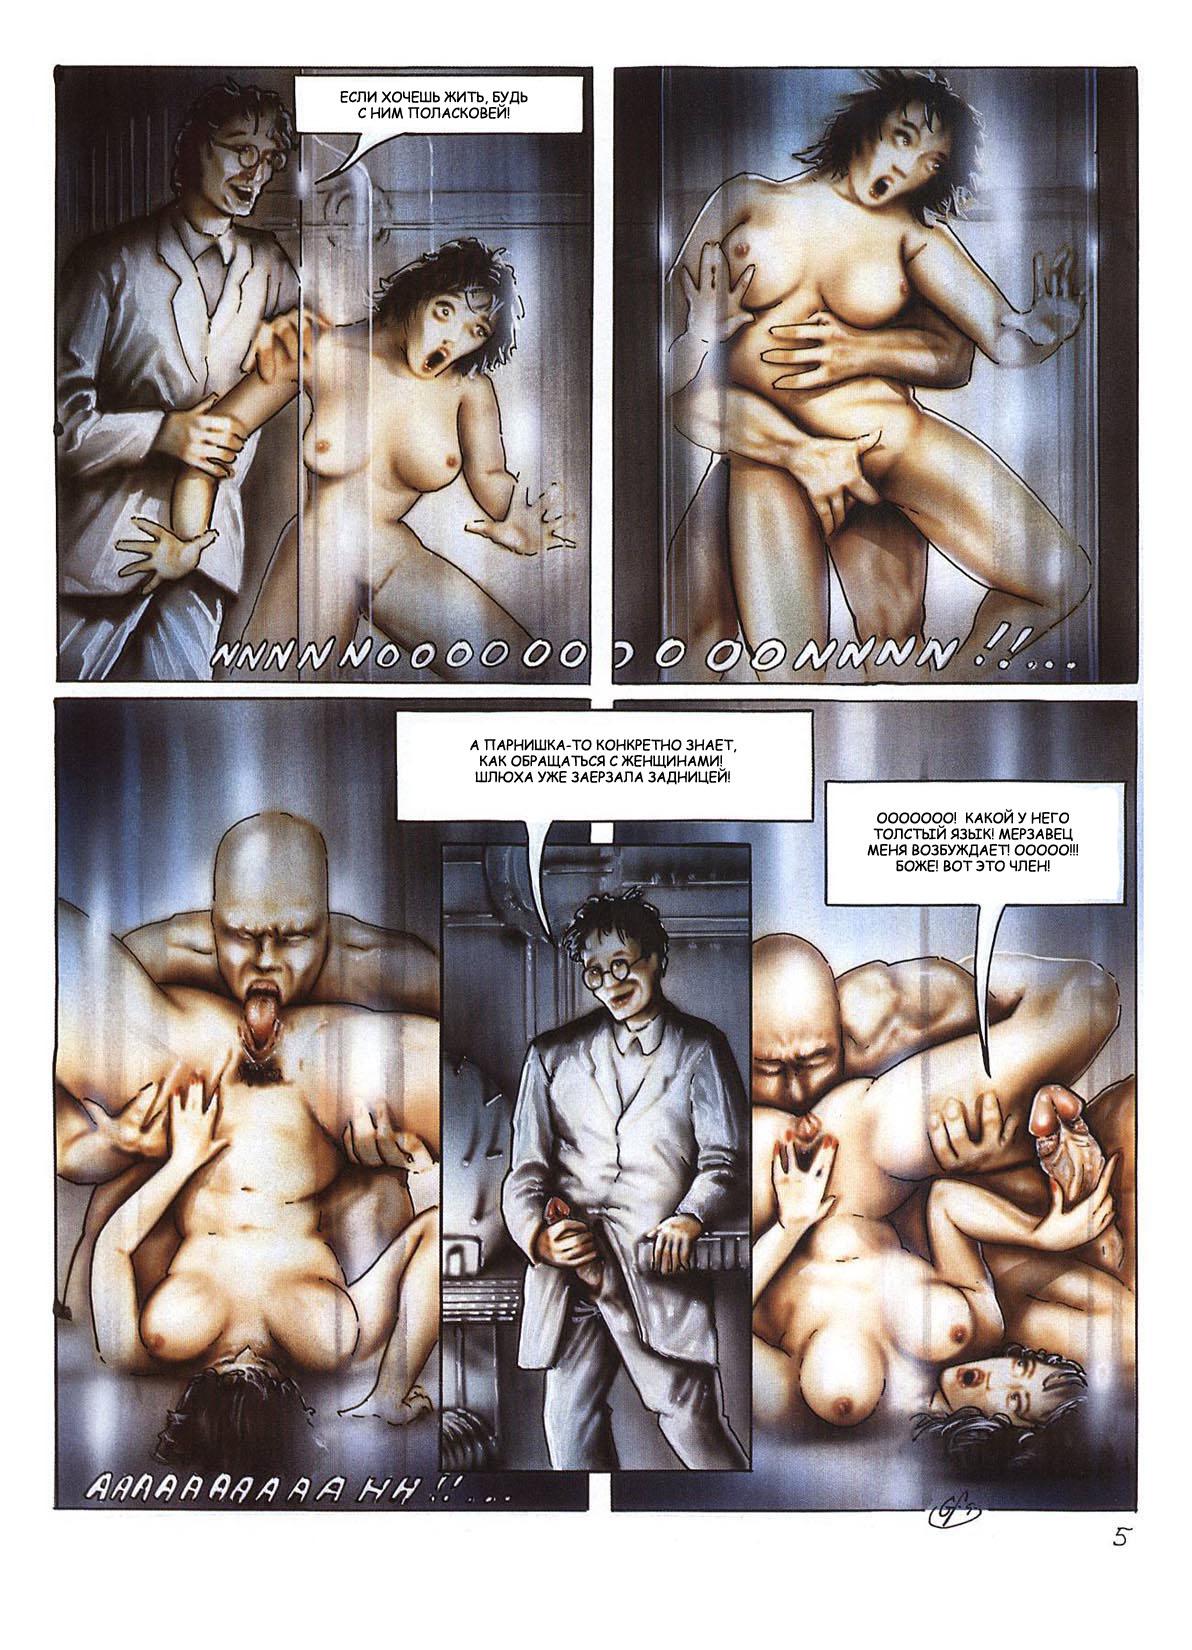 Похоть секс рассказы 14 фотография